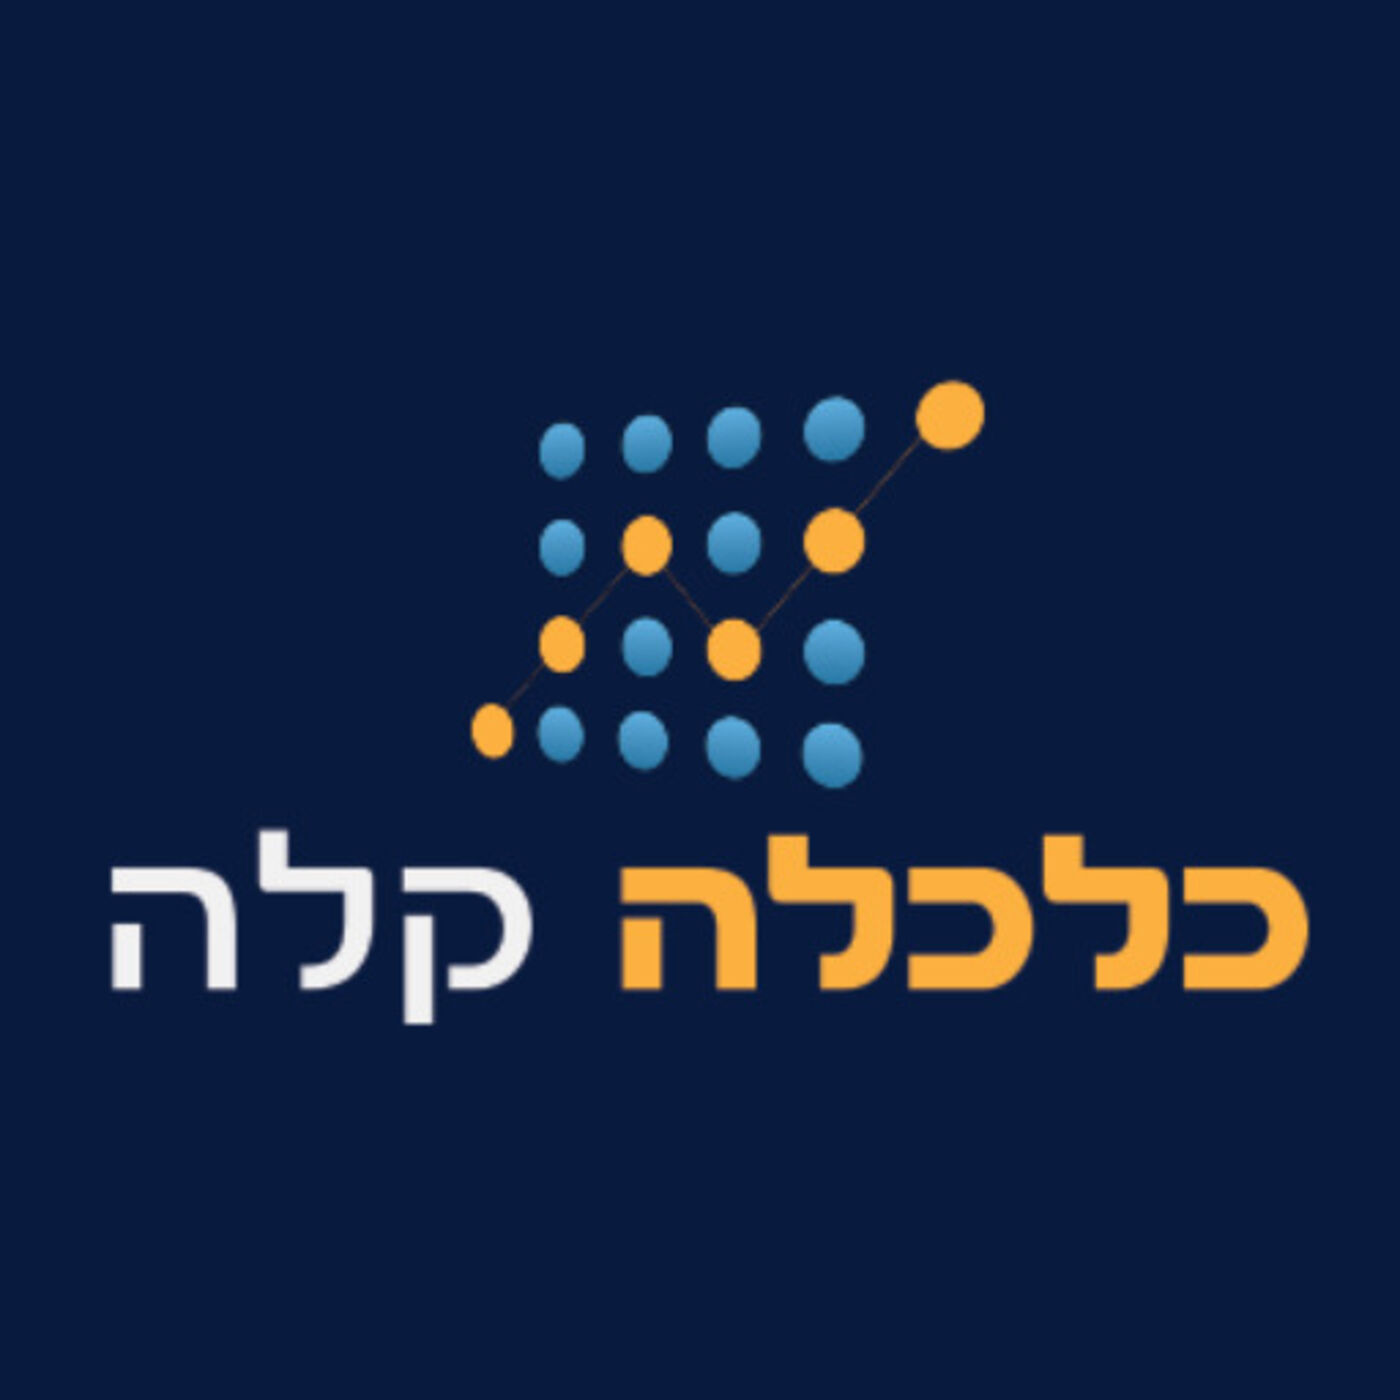 כלכלה קלה: האם חקלאות ישראלית היא ביטוי לציונות, ומה המחיר לכך?